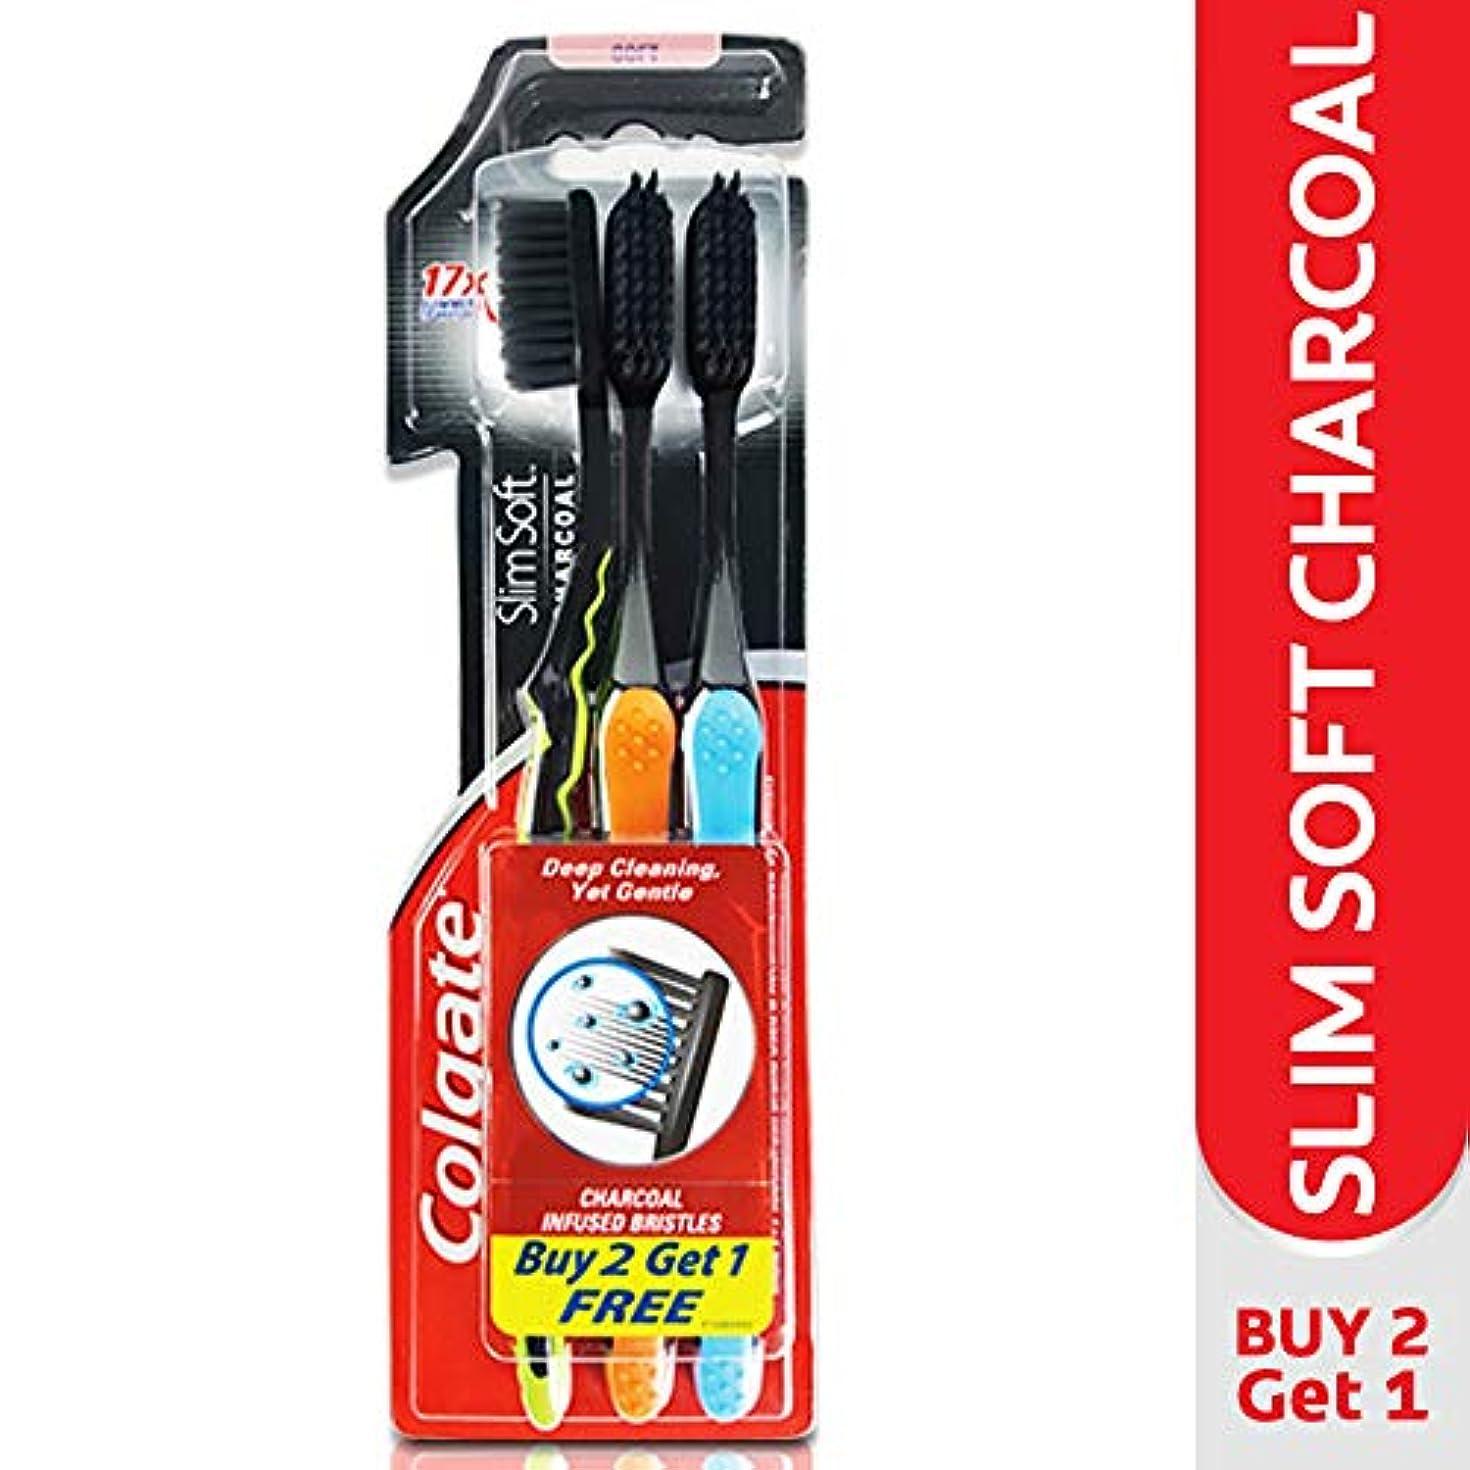 誘う休日に不公平Colgate Slim Soft Charcoal Toothbrush (Pack of 3) 17x Slimmer Soft Tip Bristles (Ship From India)